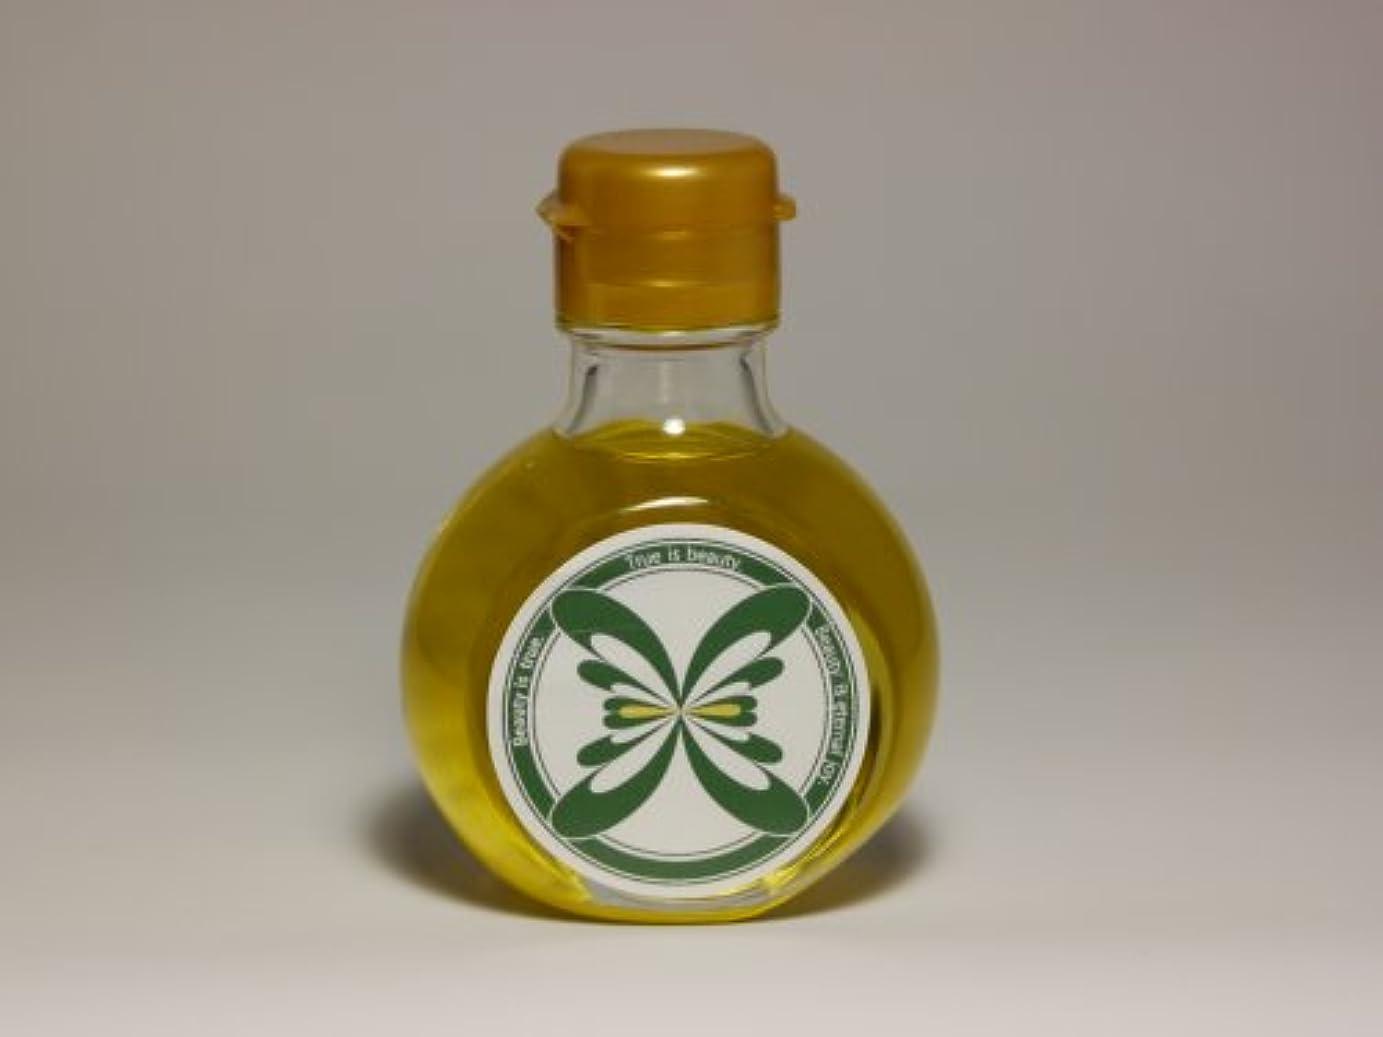 専ら小間ジョグモリンガゴールドオイル100 100ml 酸化しにくい飽和脂肪酸含有のモリンガオイル100%で、クレンジング(特にアイメイク落し)?保湿?ヘアオイルなど、色々な用途に使えます。